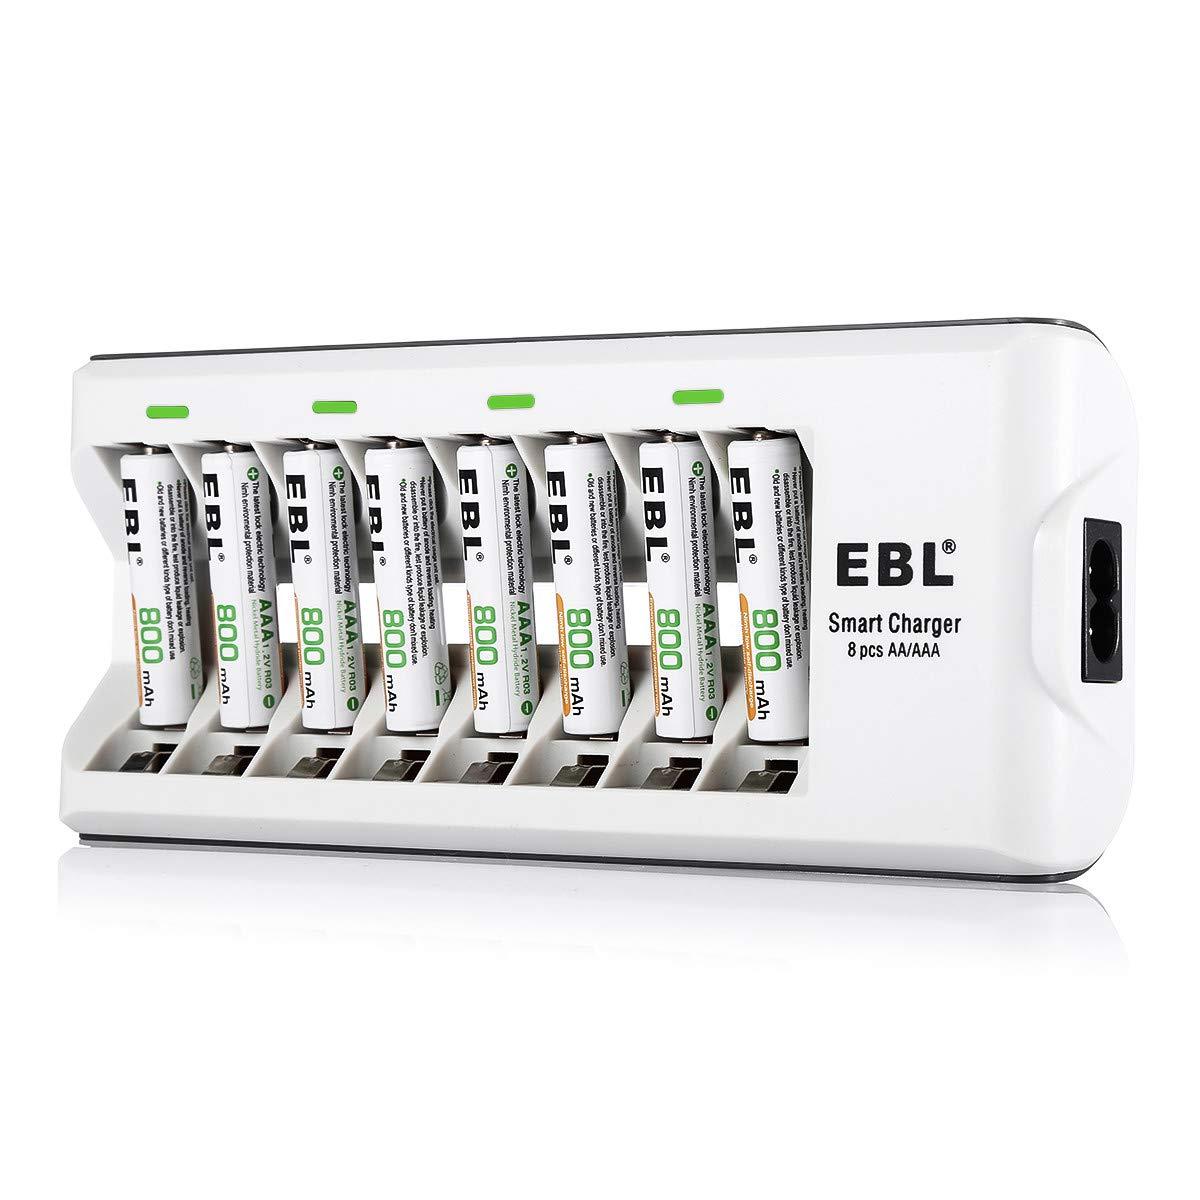 EBL 8-Fach Akku Ladegerät für NI-MH AAA AA Akku, Batterieladegerät inkl. 8X AAA Akku 1100mAh, Akkus mit 2X Aufbewahrungsbox